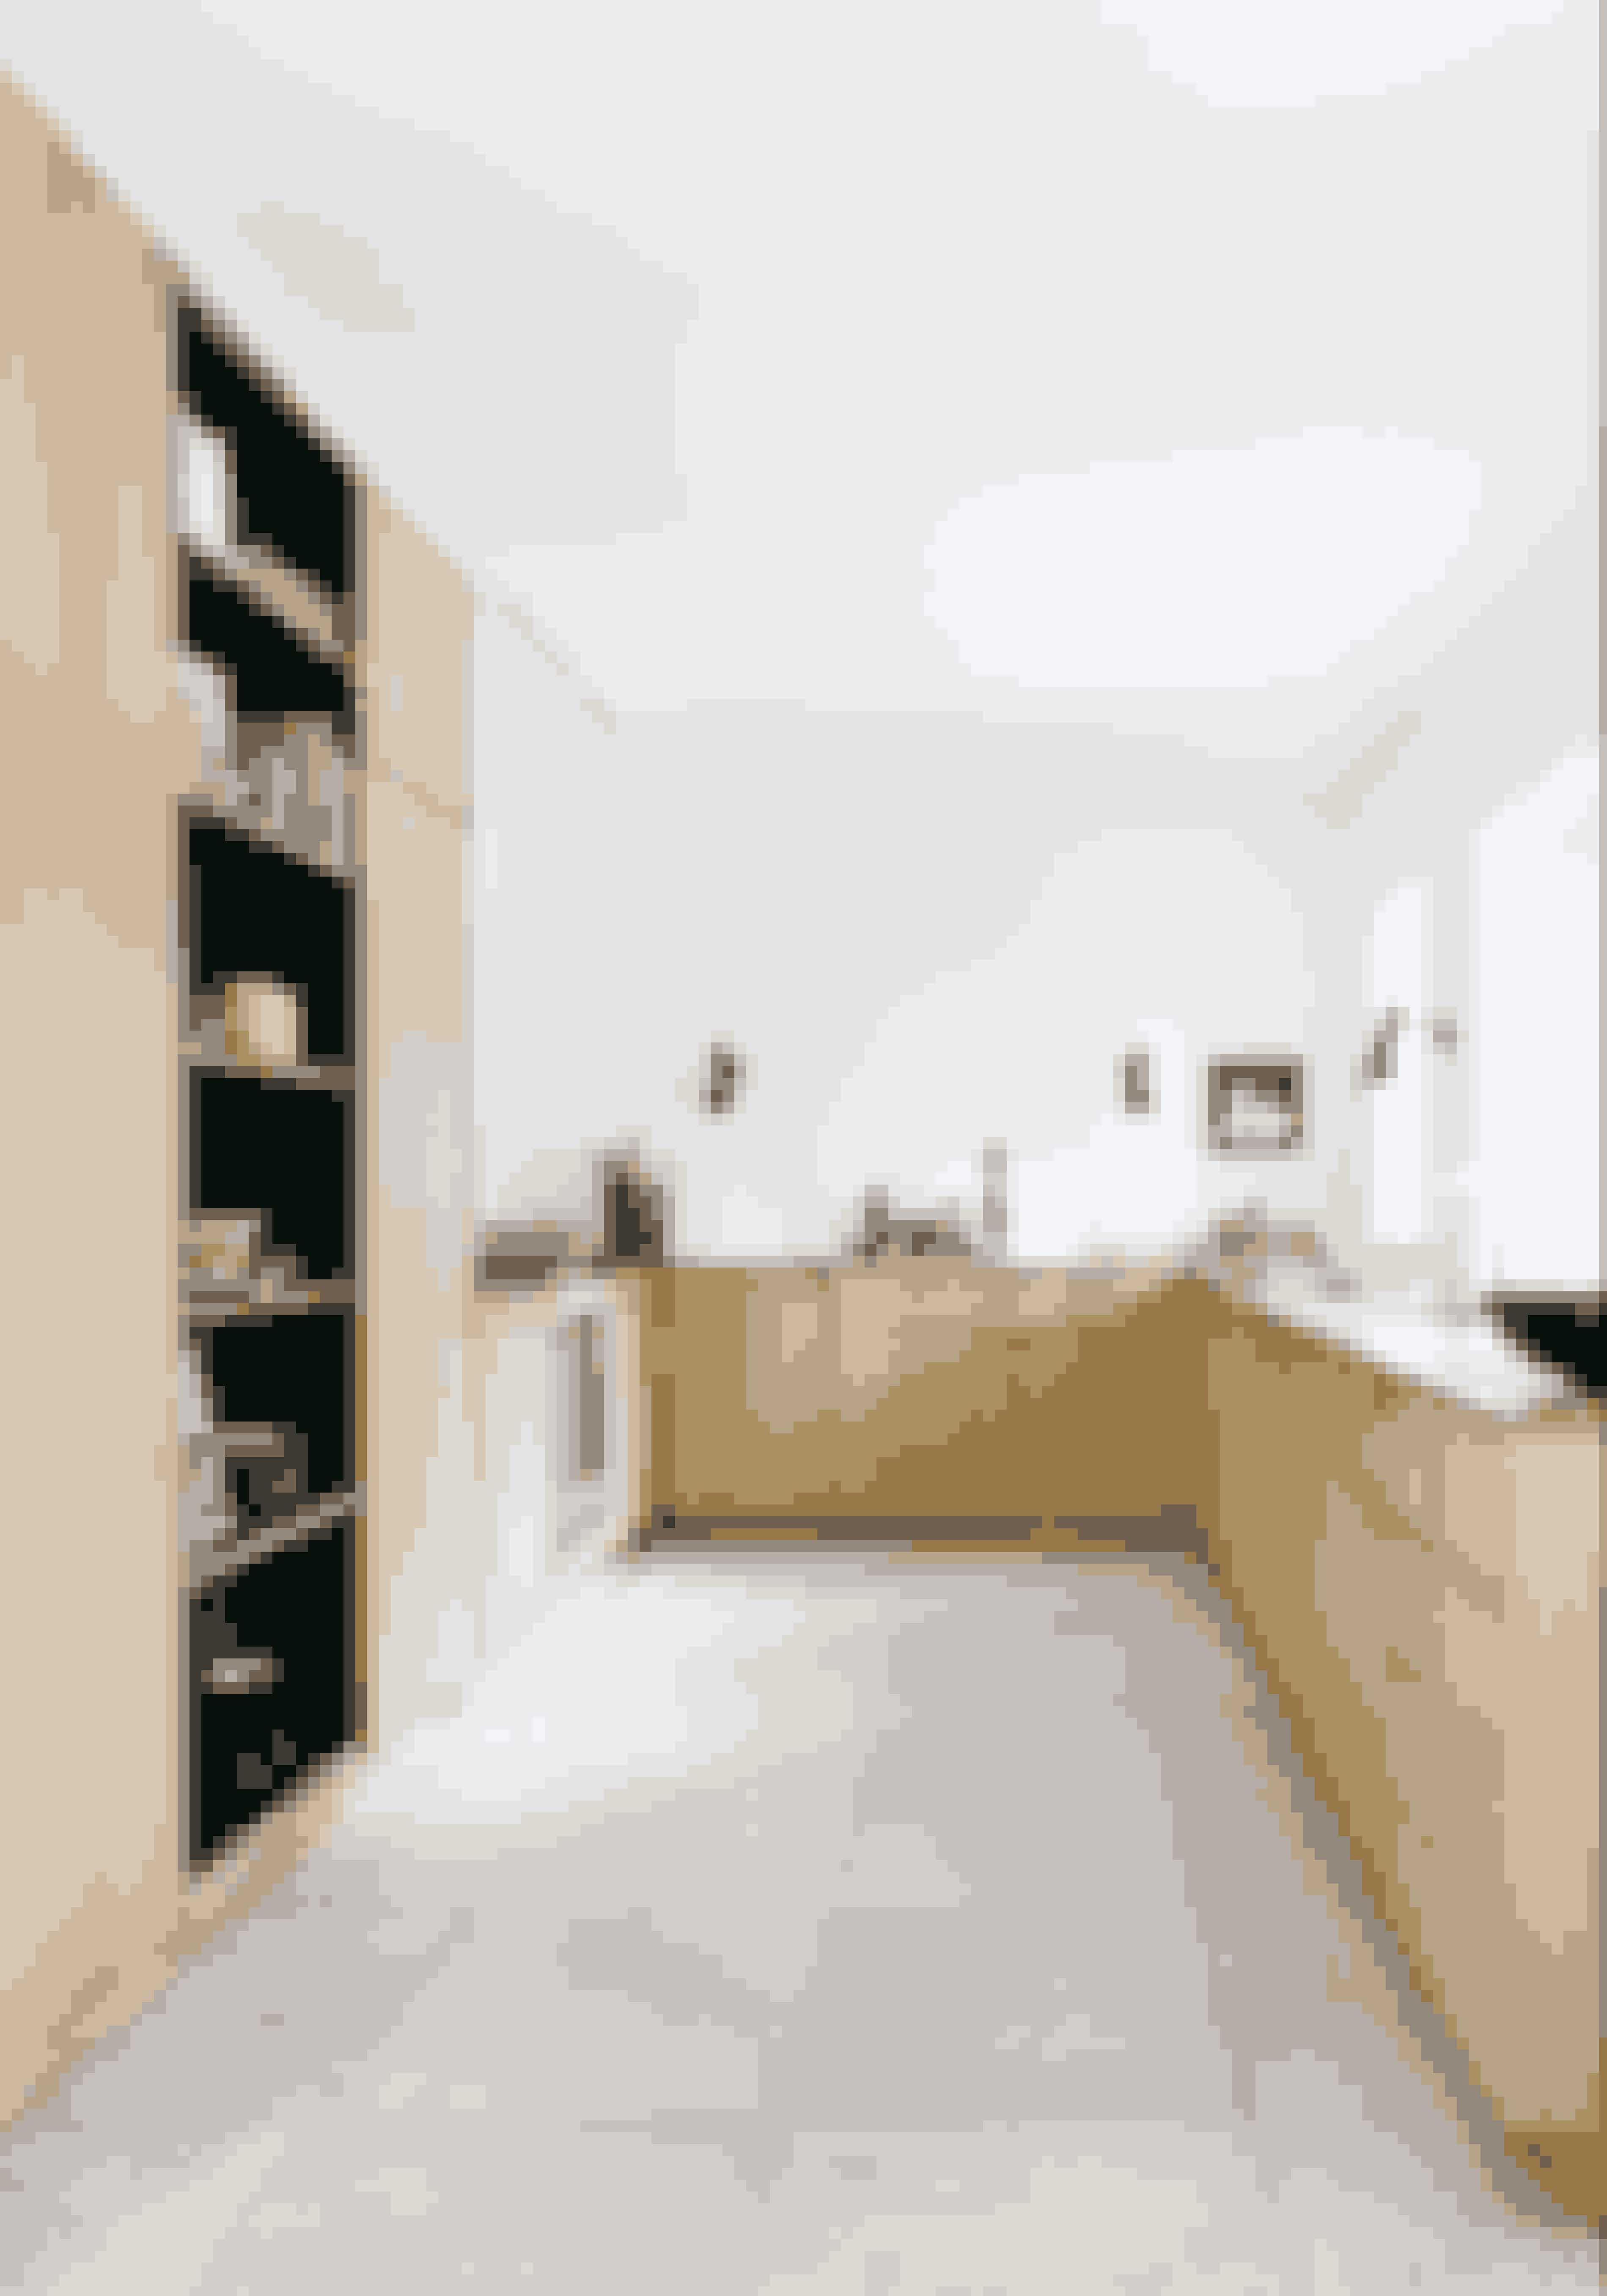 Vælg et køkken i materialer og stil, der passer til huset og den tid, det blev bygget i. Snedkerkøkken i massivt egetræ er fra Nicolaj Bo. De sorte AJ væglamper designet af Arne Jacobsen er fra Louis Poulsen. De Italienske fliser med tegnede fossiler fås hos Banio.